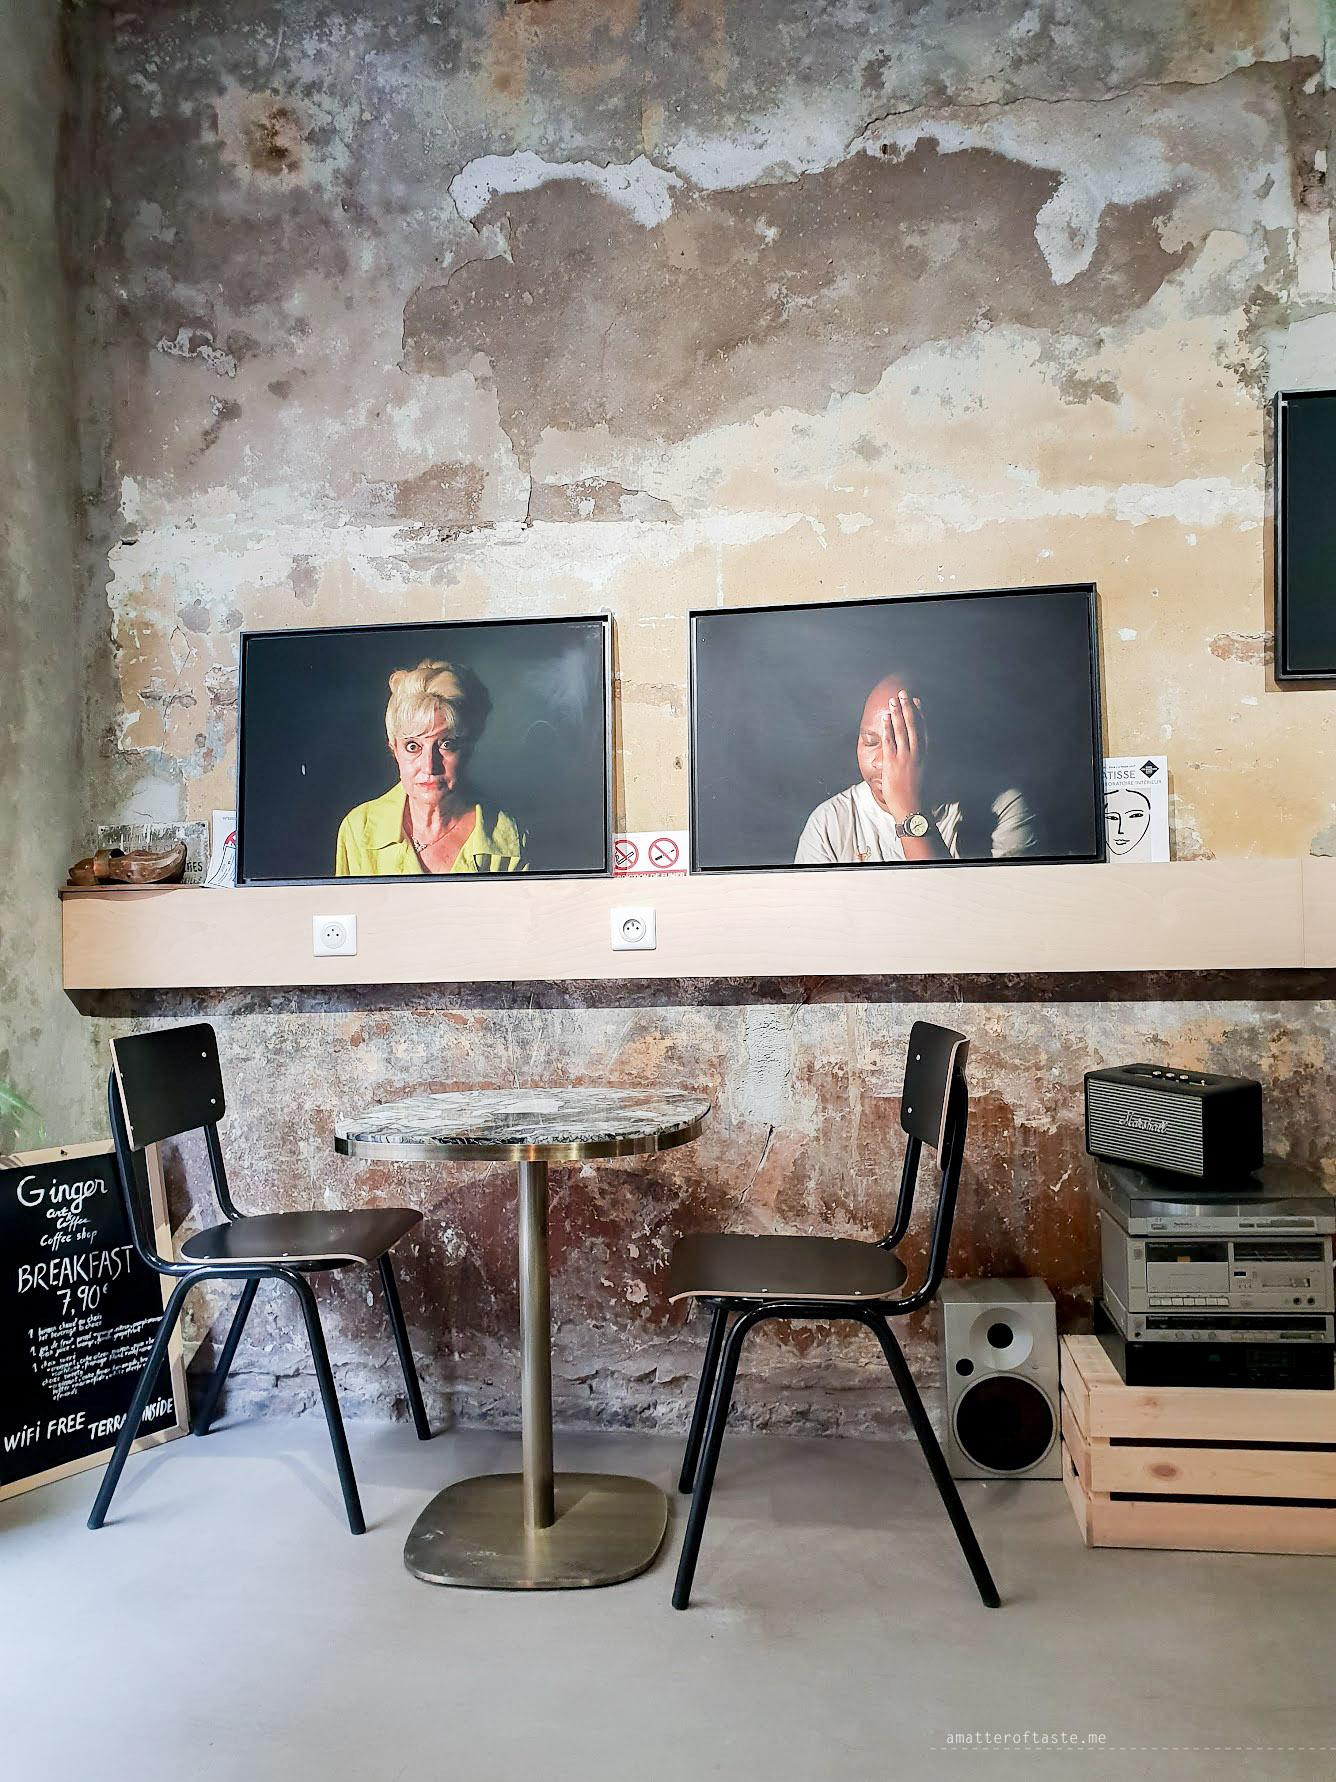 Ginger marseille coffee shop interior